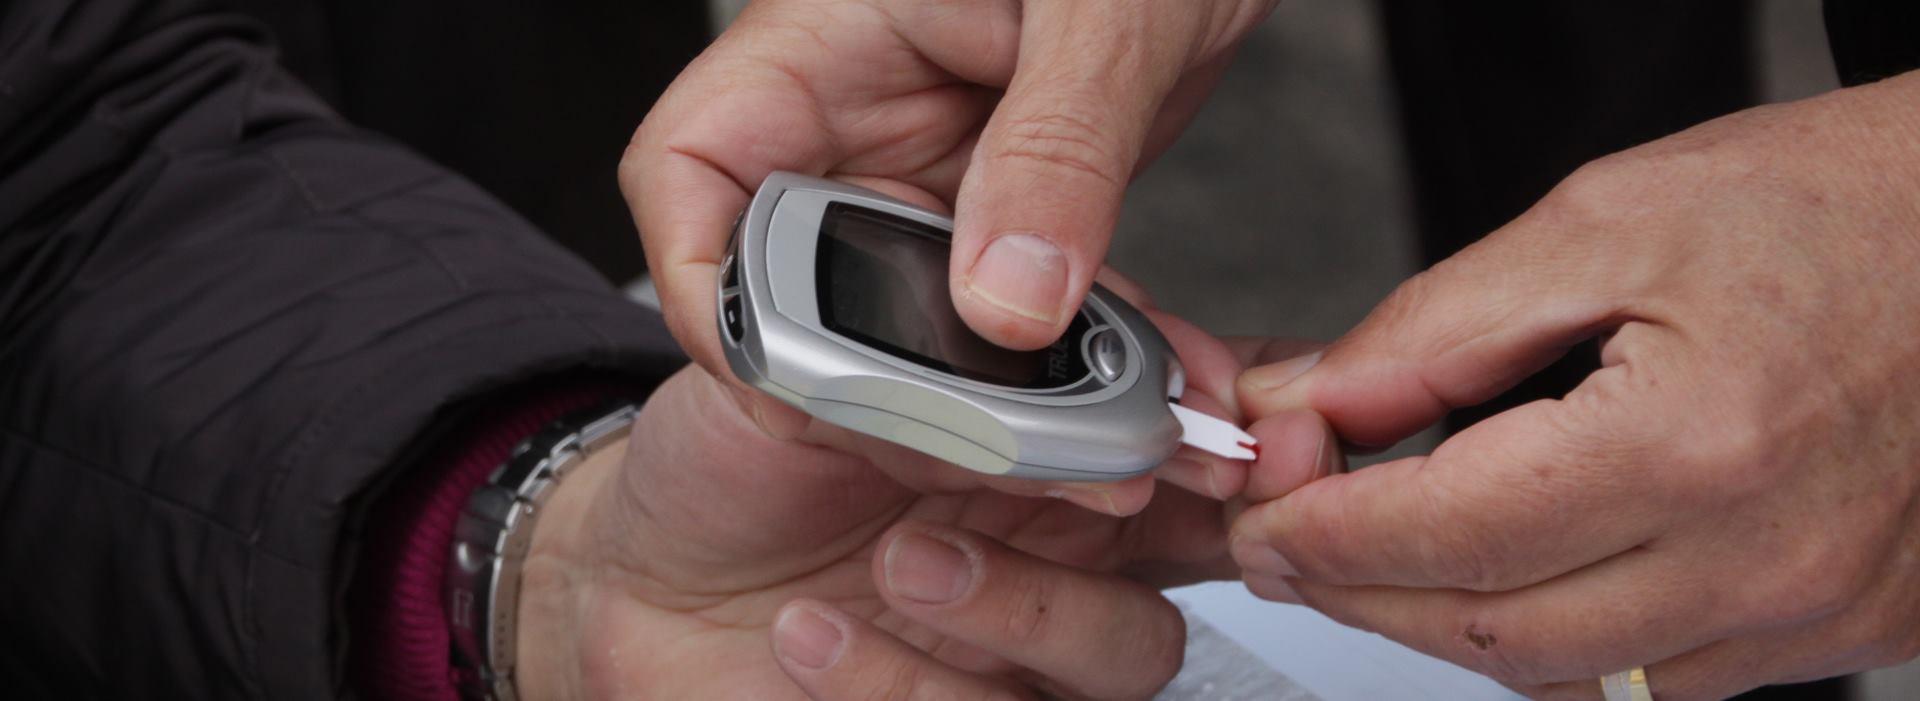 WHO: Oko 422 milijuna odraslih u svijetu pati od dijabetesa